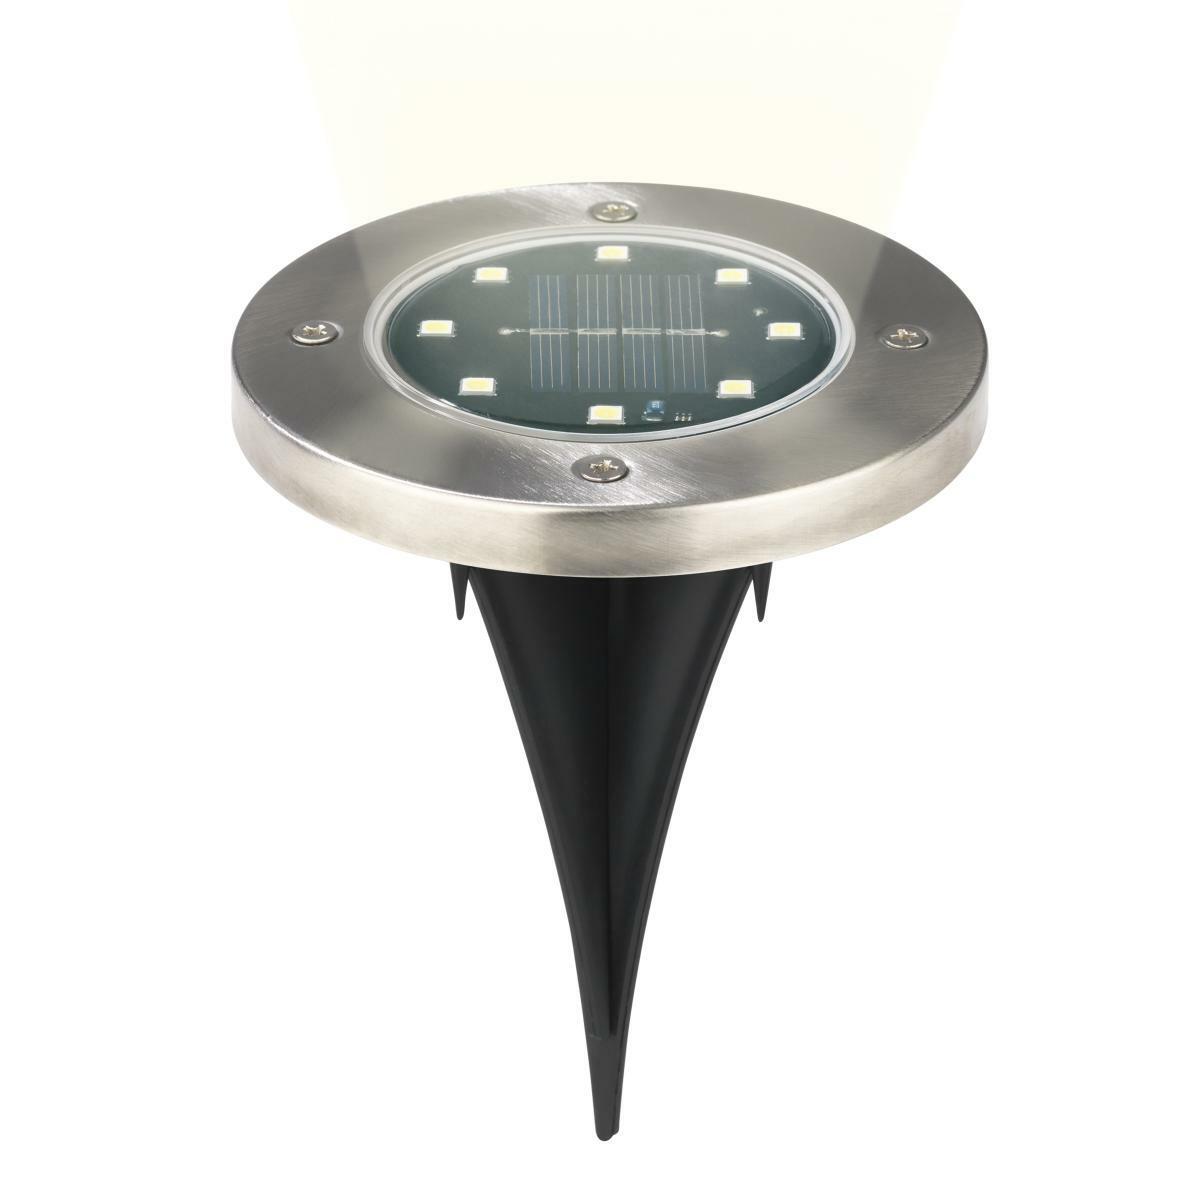 Bild 4 von EASYmaxx Solar-Bodenleuchte 4er-Set 1,2V Edelstahl mit Erdspieß & Wandsticker